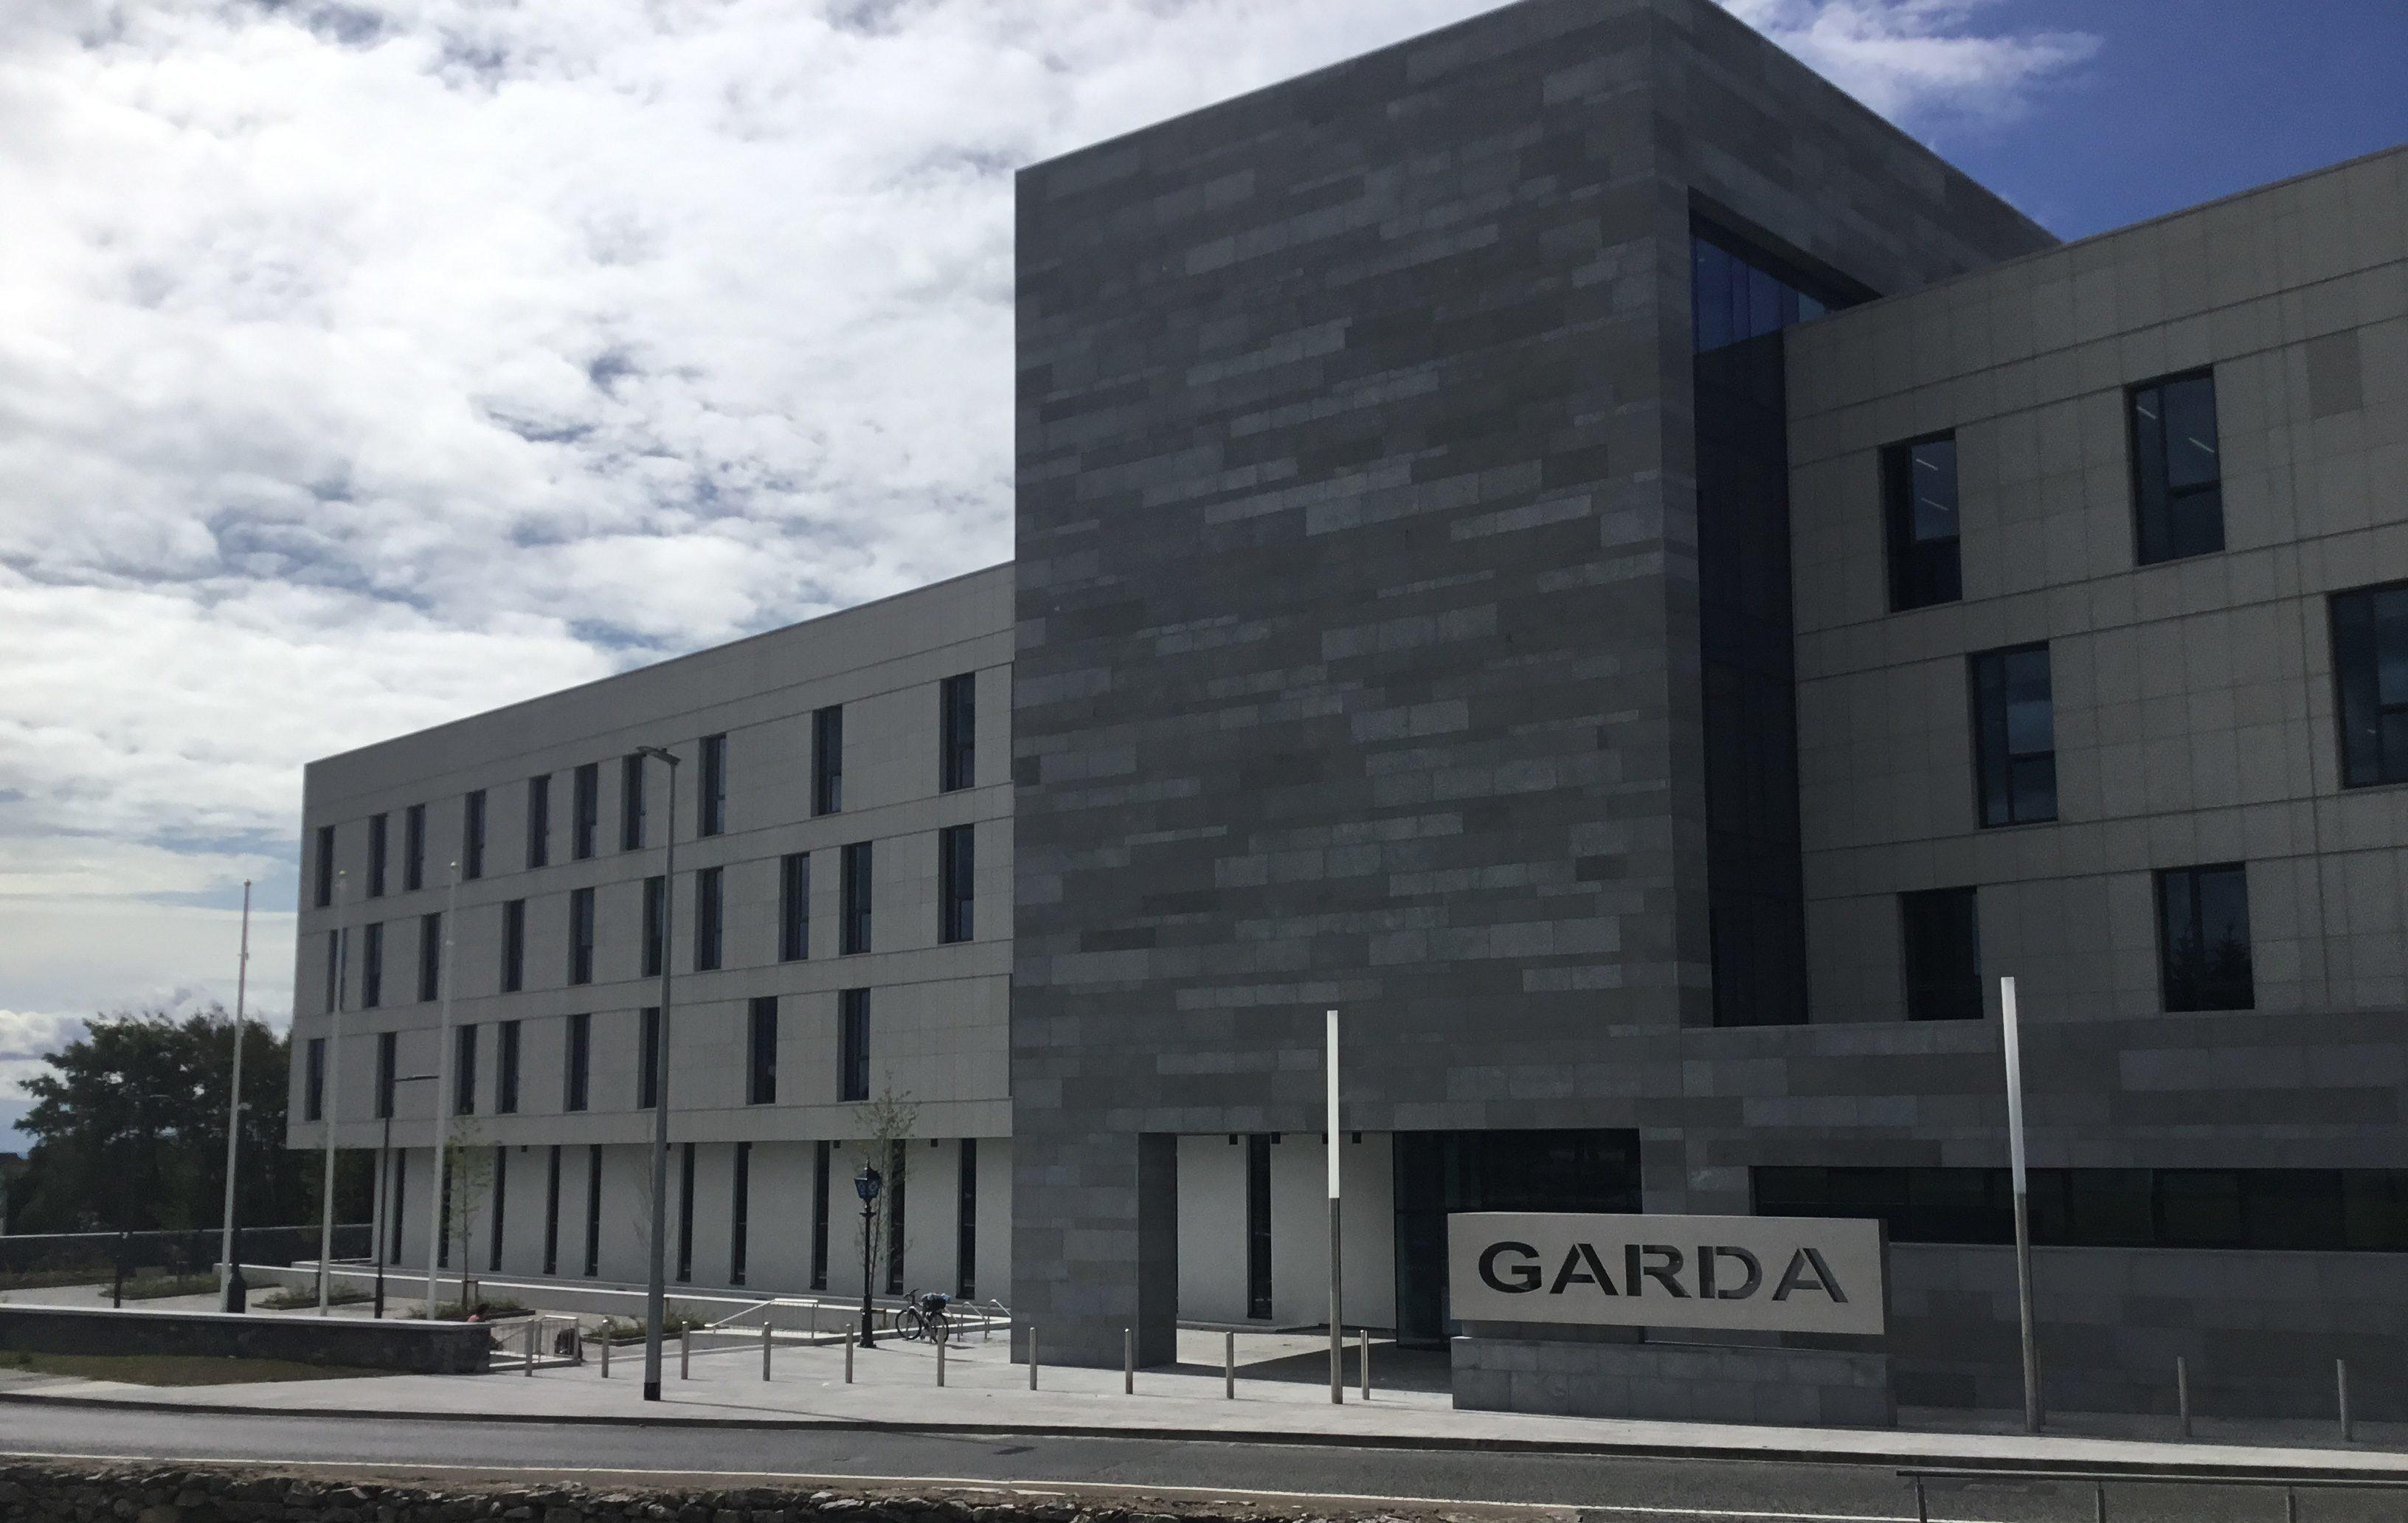 Garda Station